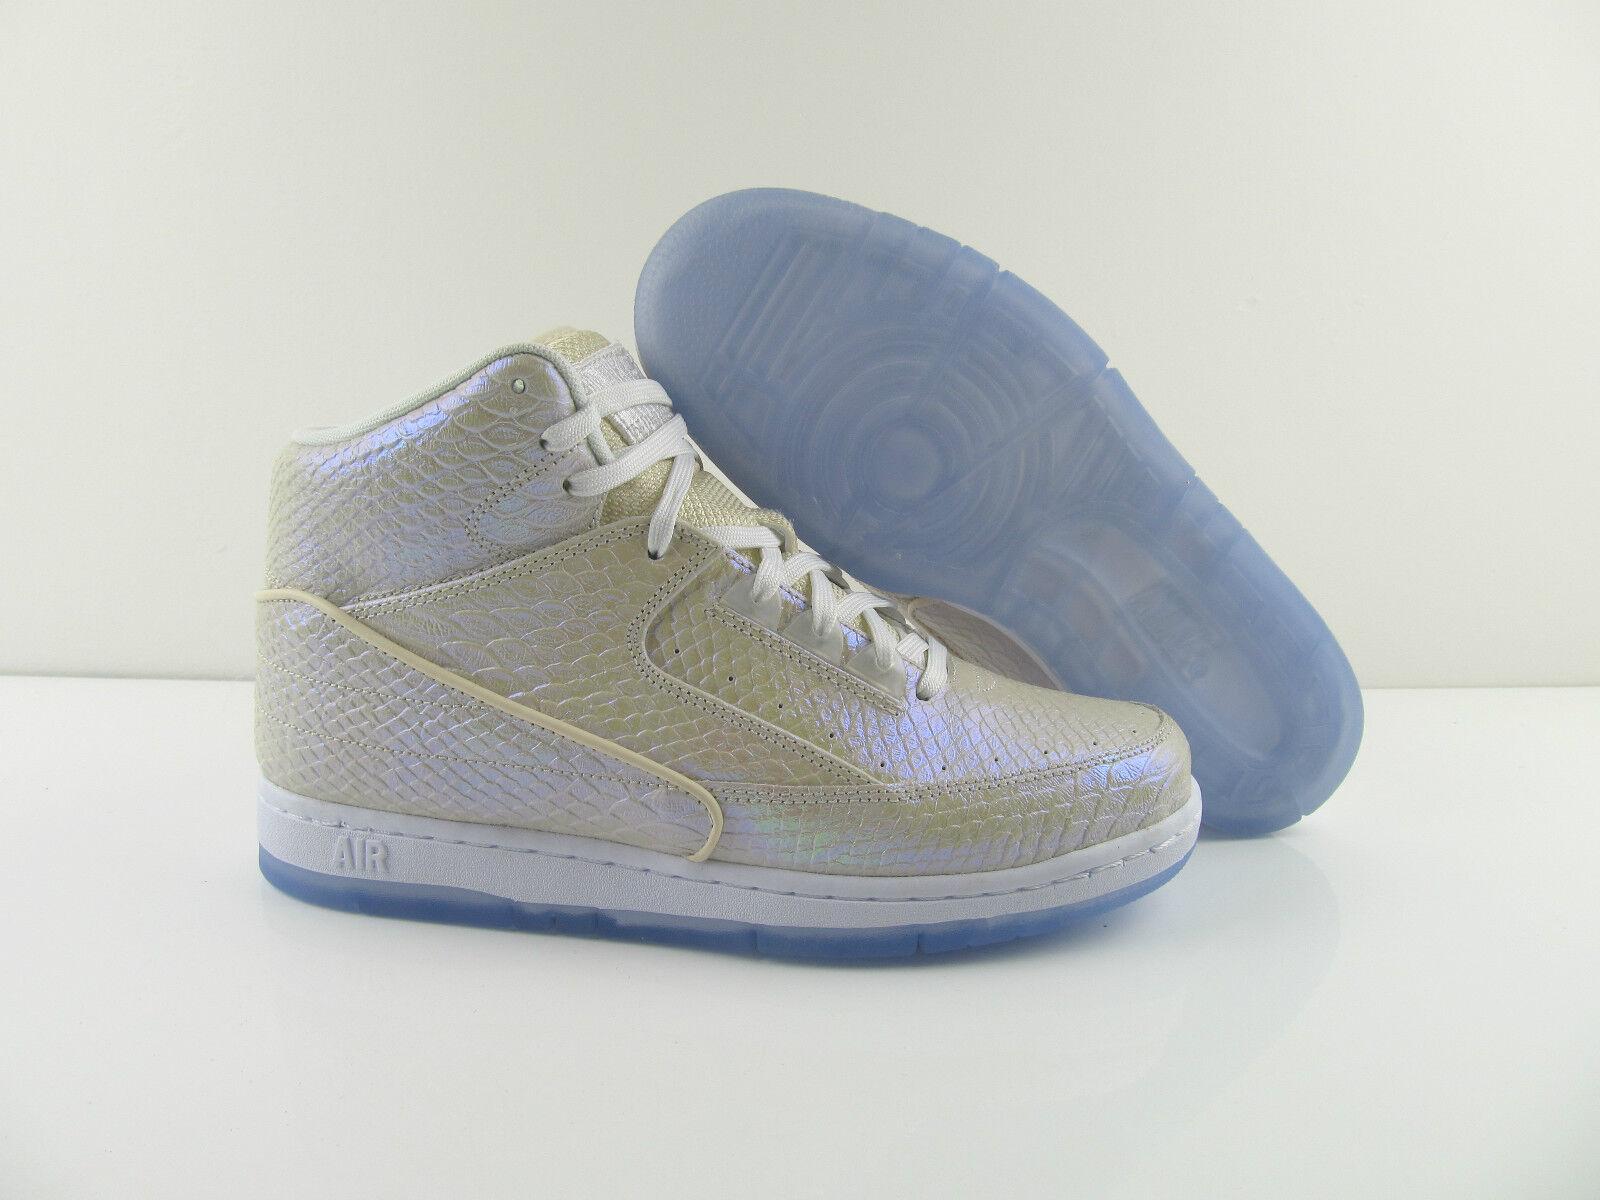 Nike Air Python PRM Premium White Metallic New US_8.5 10 Eur_42 44